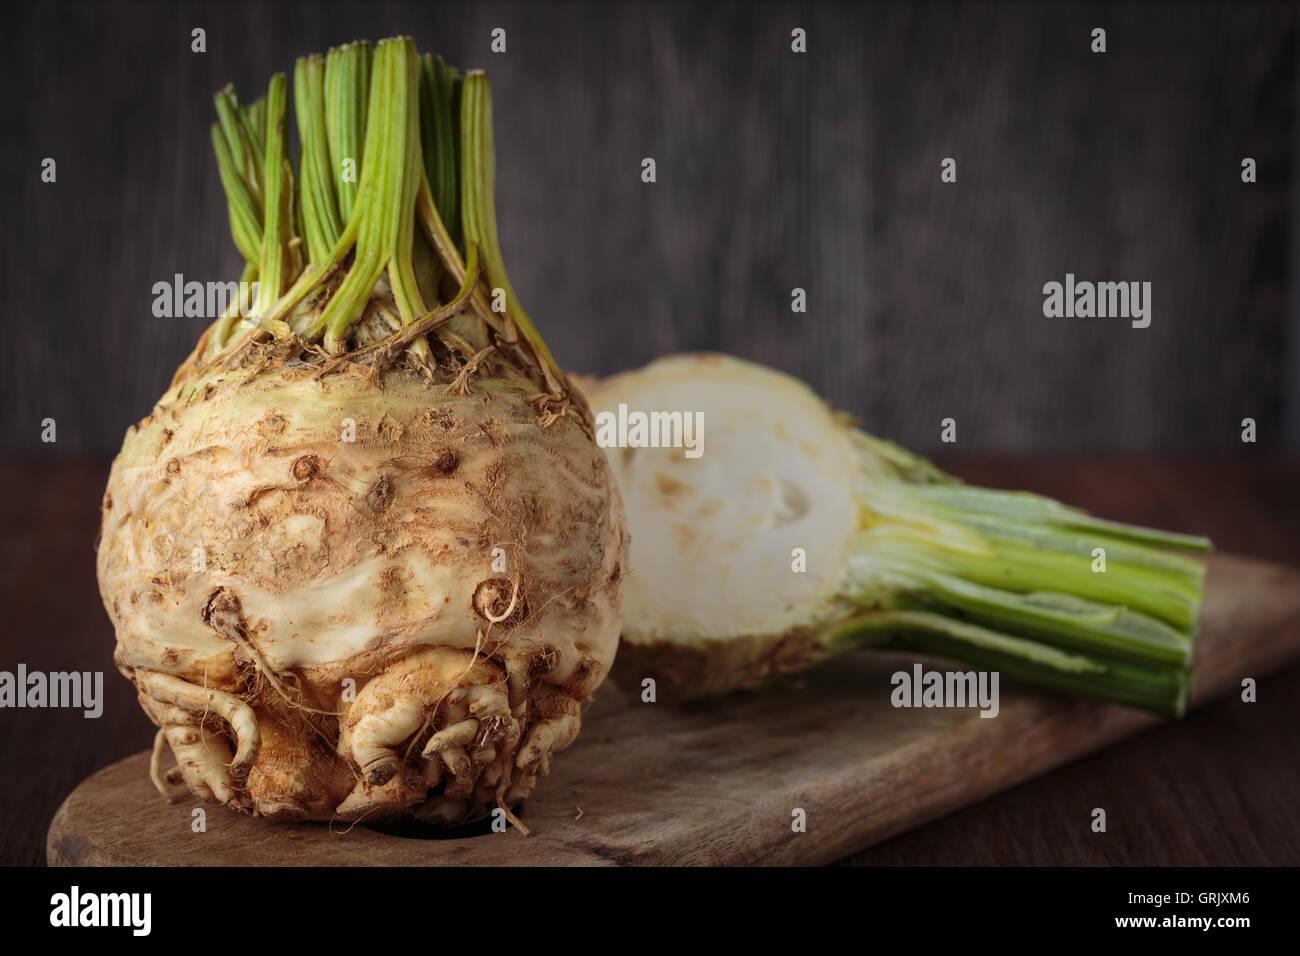 Crudo fresco sedani rapa per una sana alimentazione Foto Stock